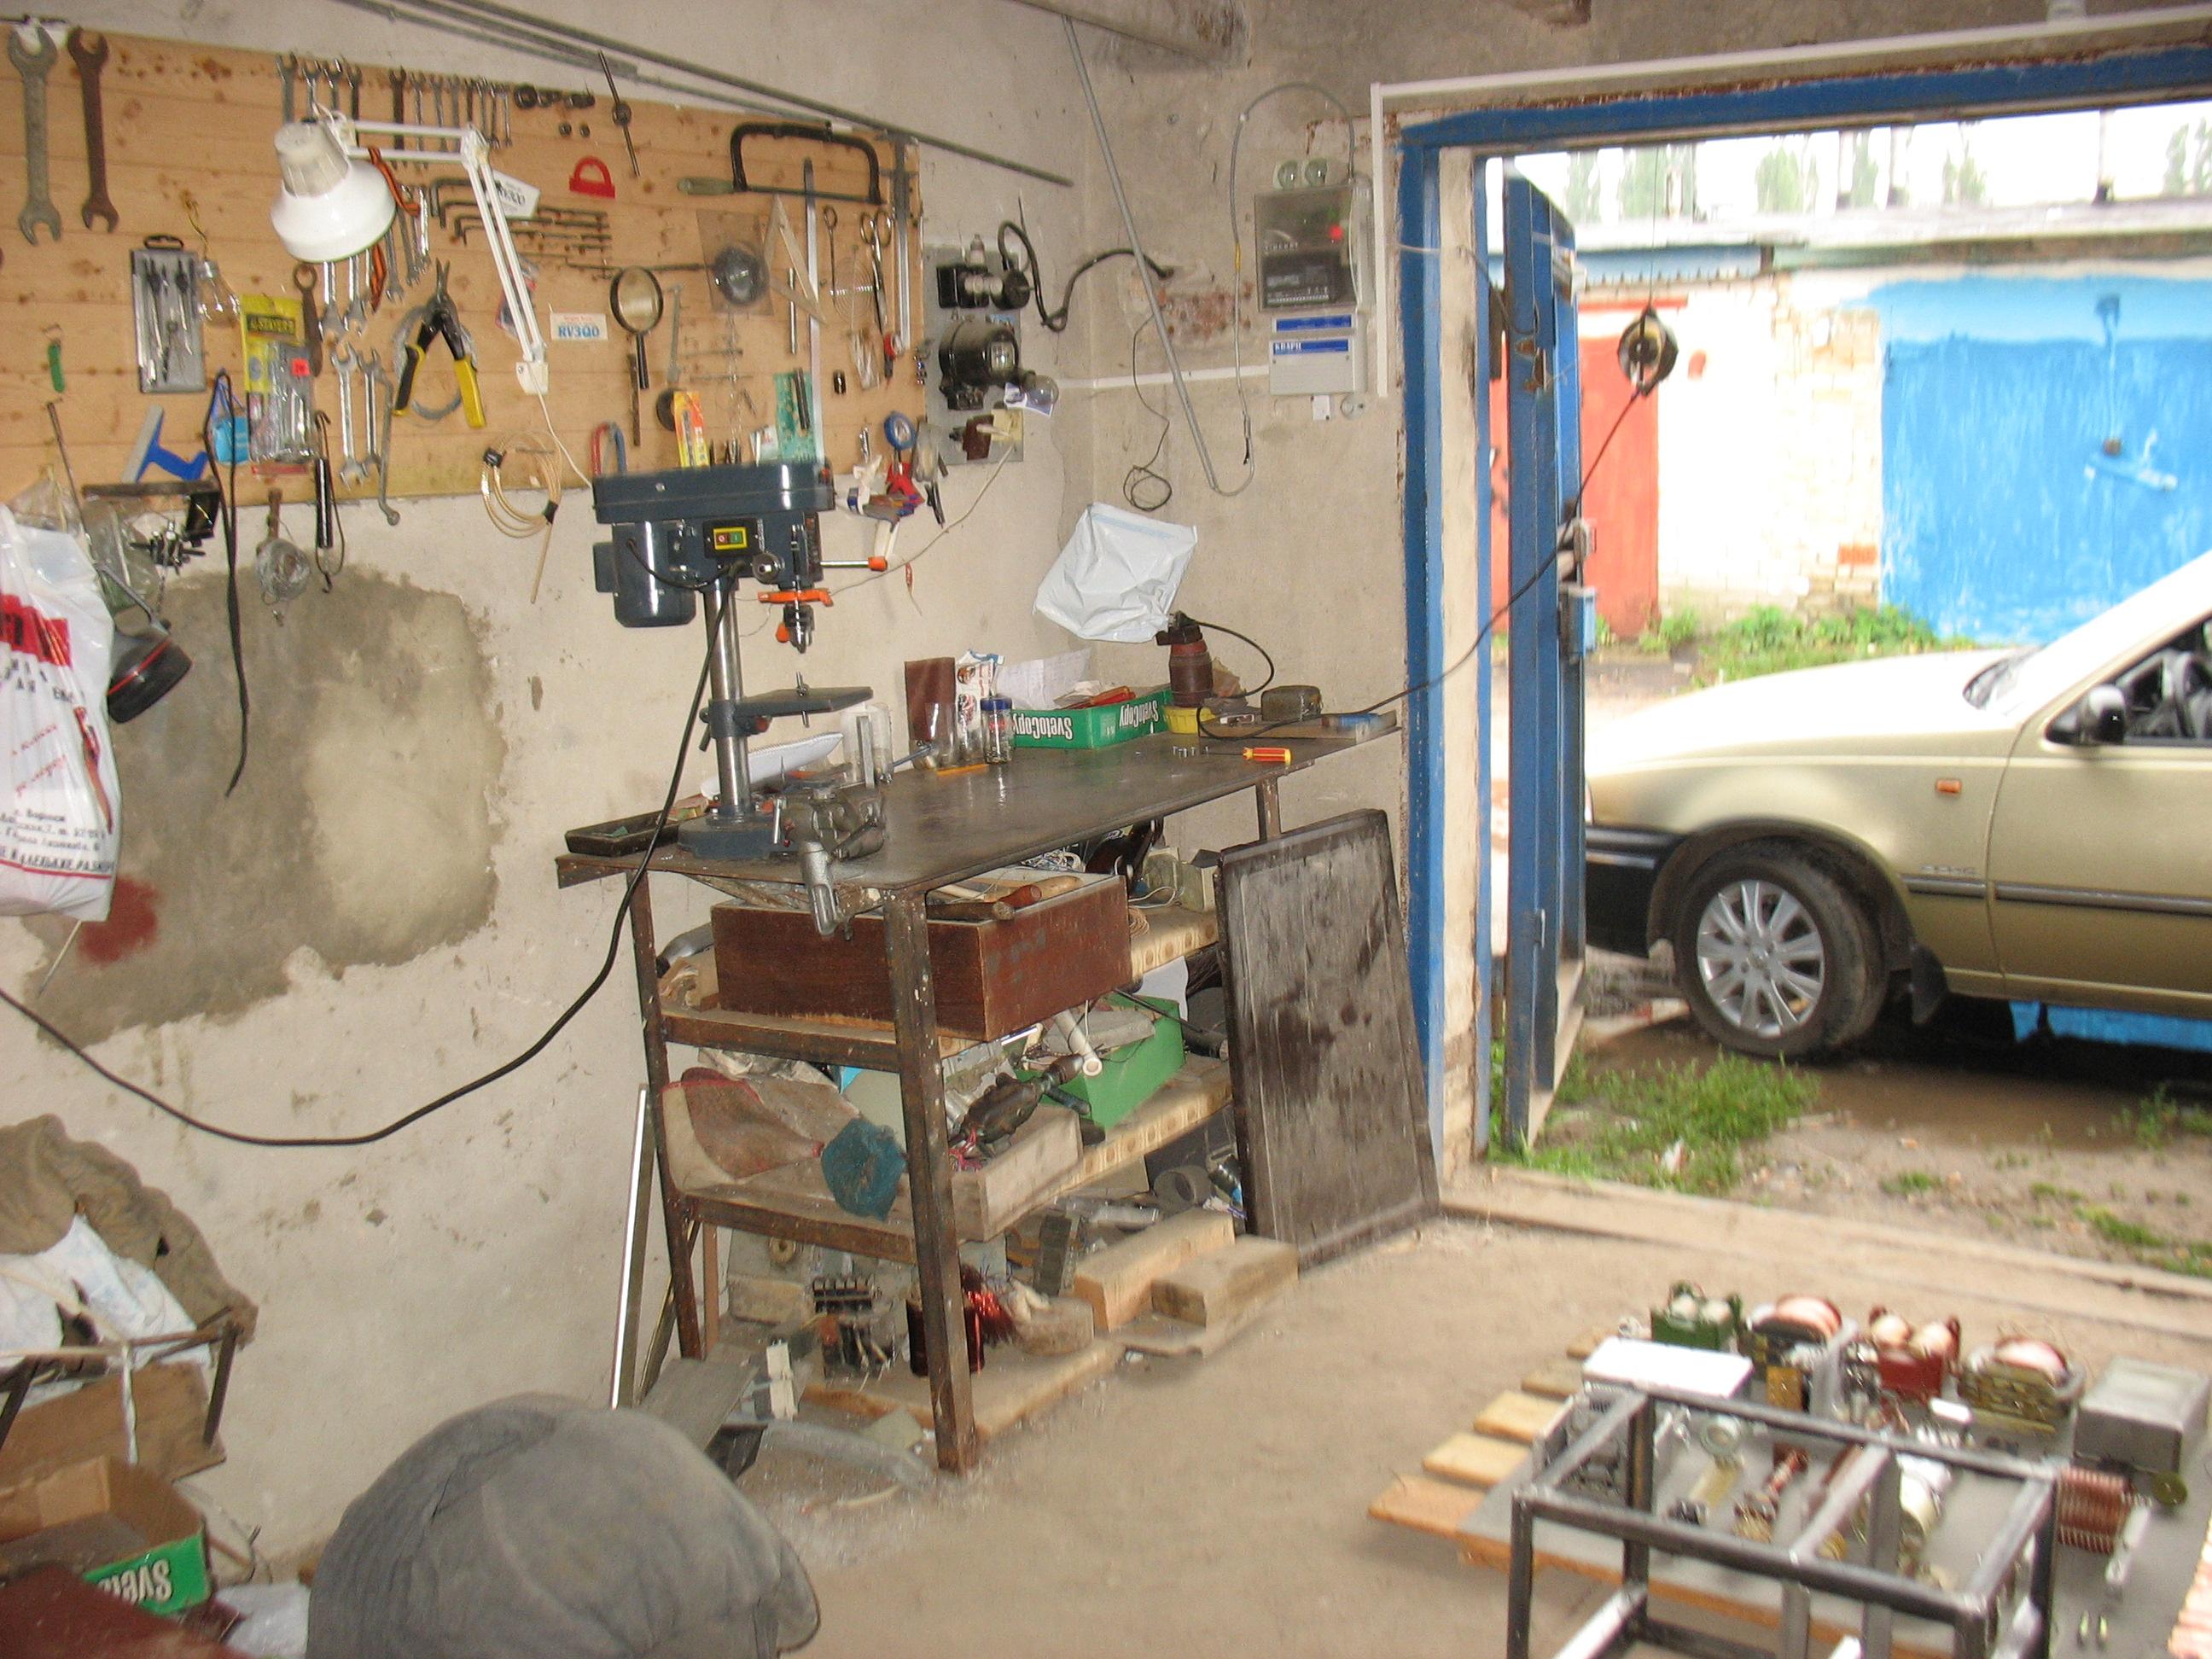 Обстановка в гараже фото